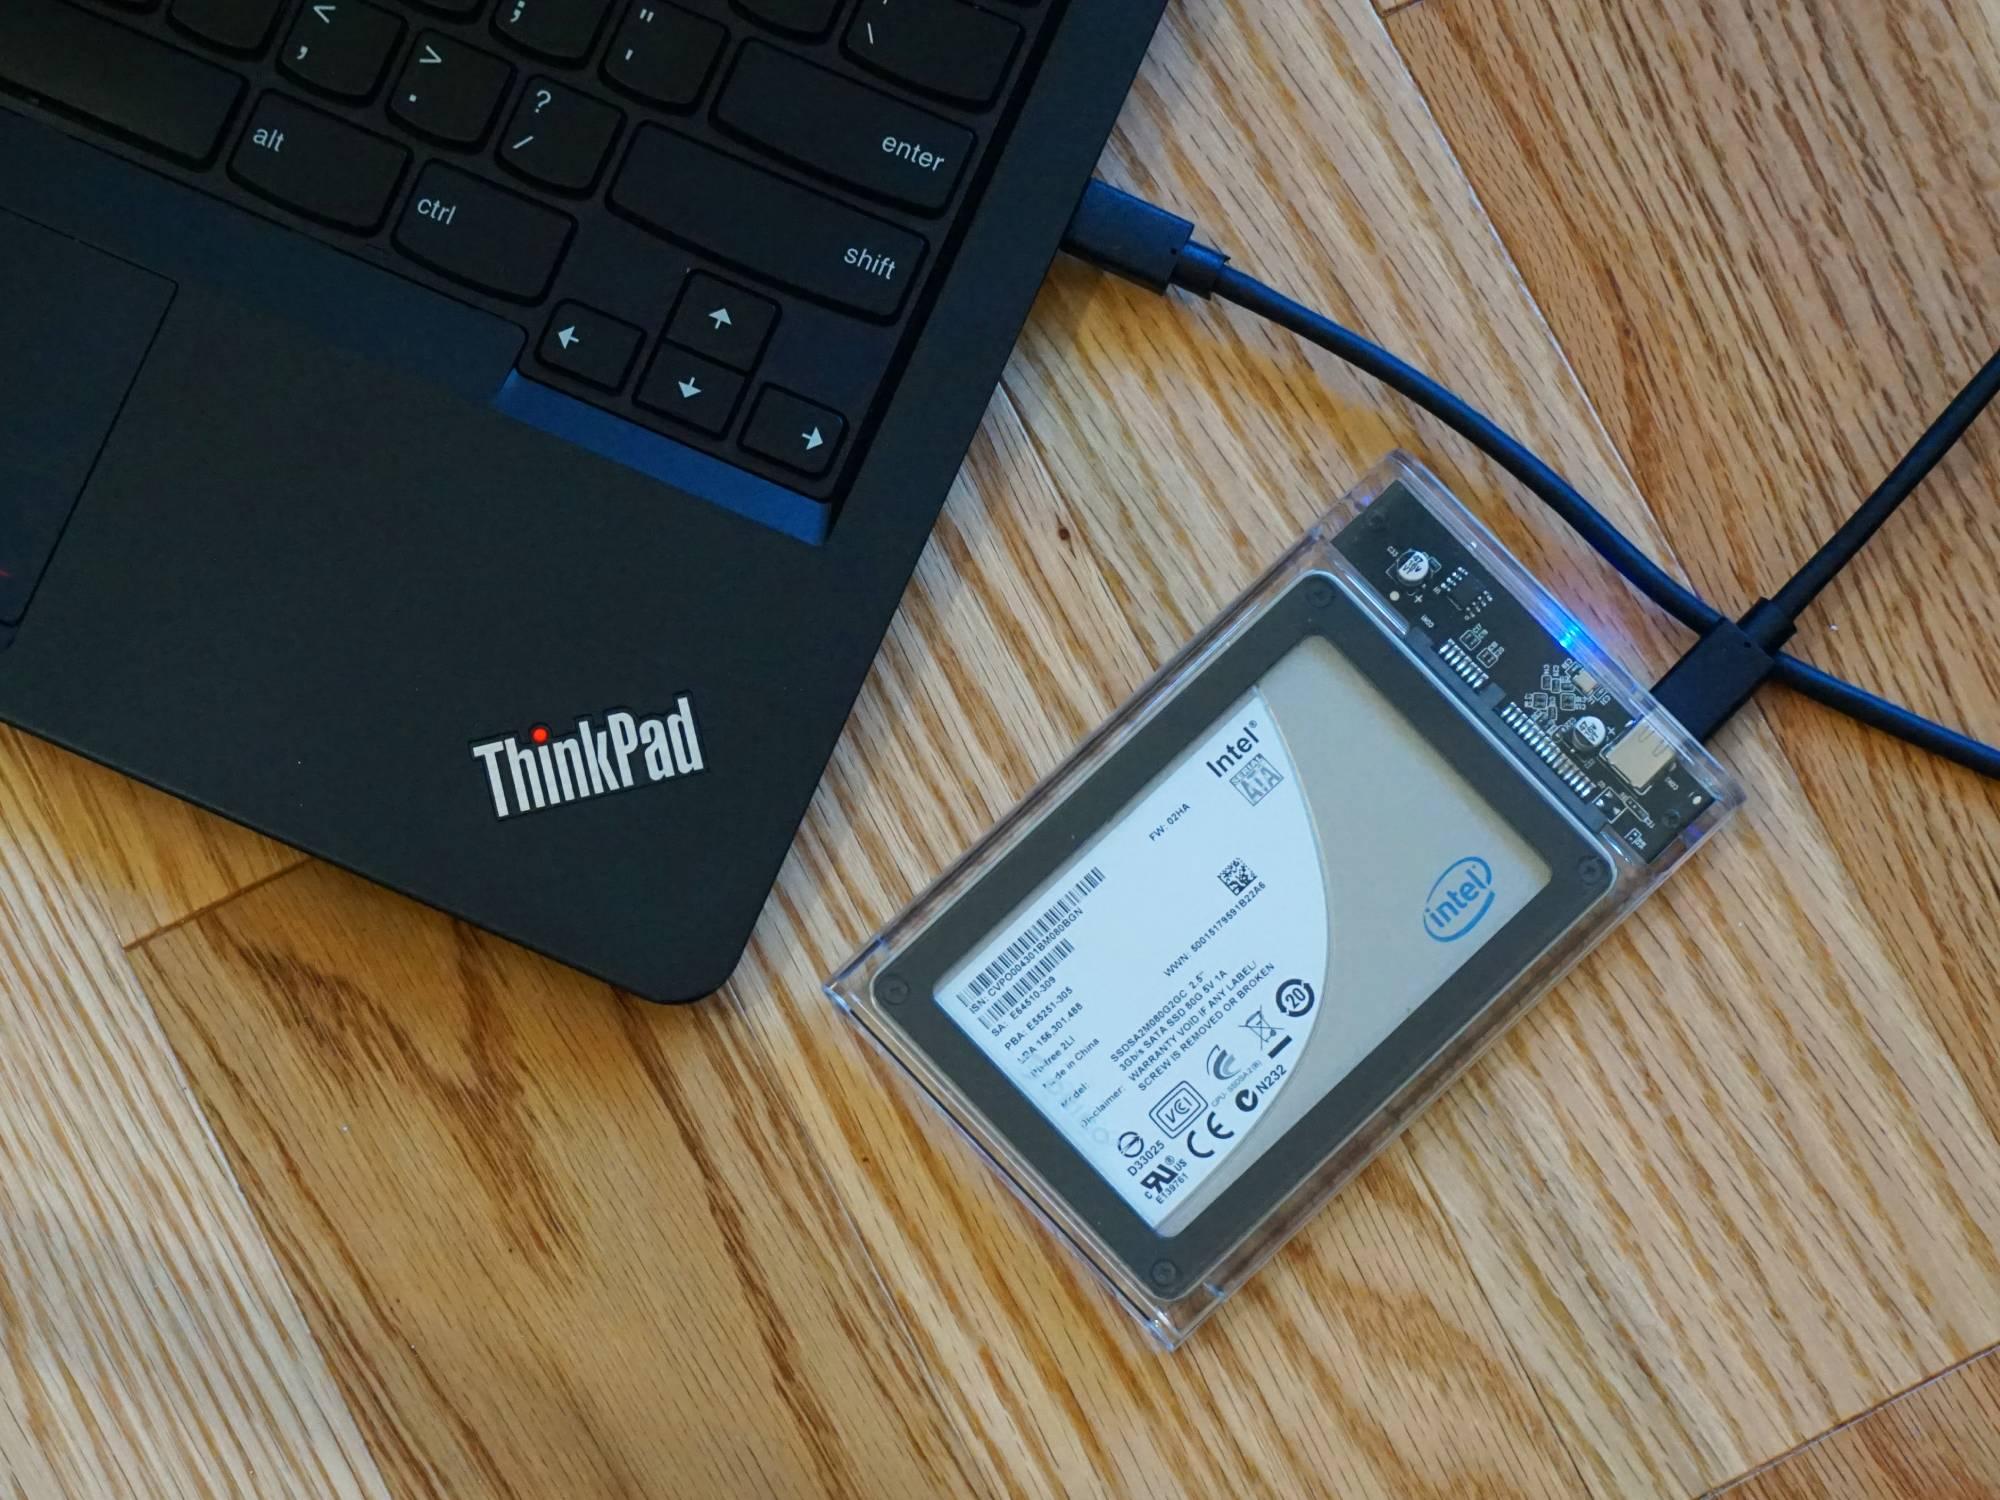 DIY external hard drive